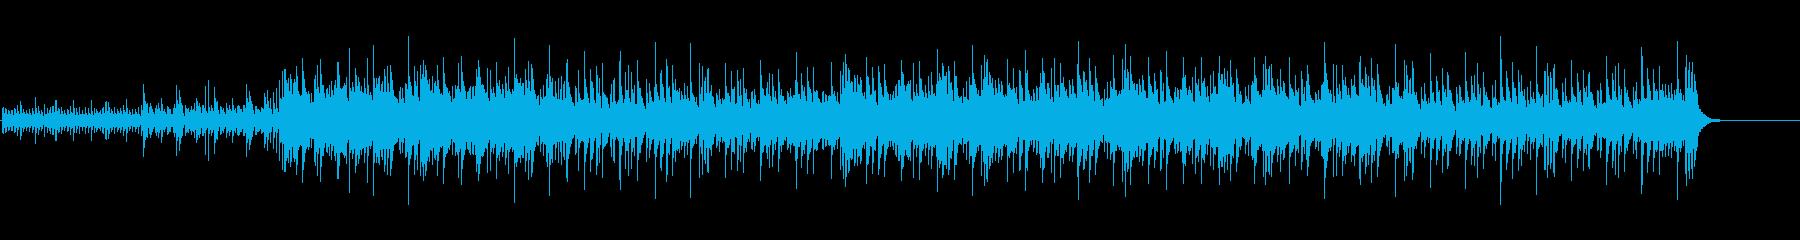 古代文明 異国情緒 ワルツの再生済みの波形